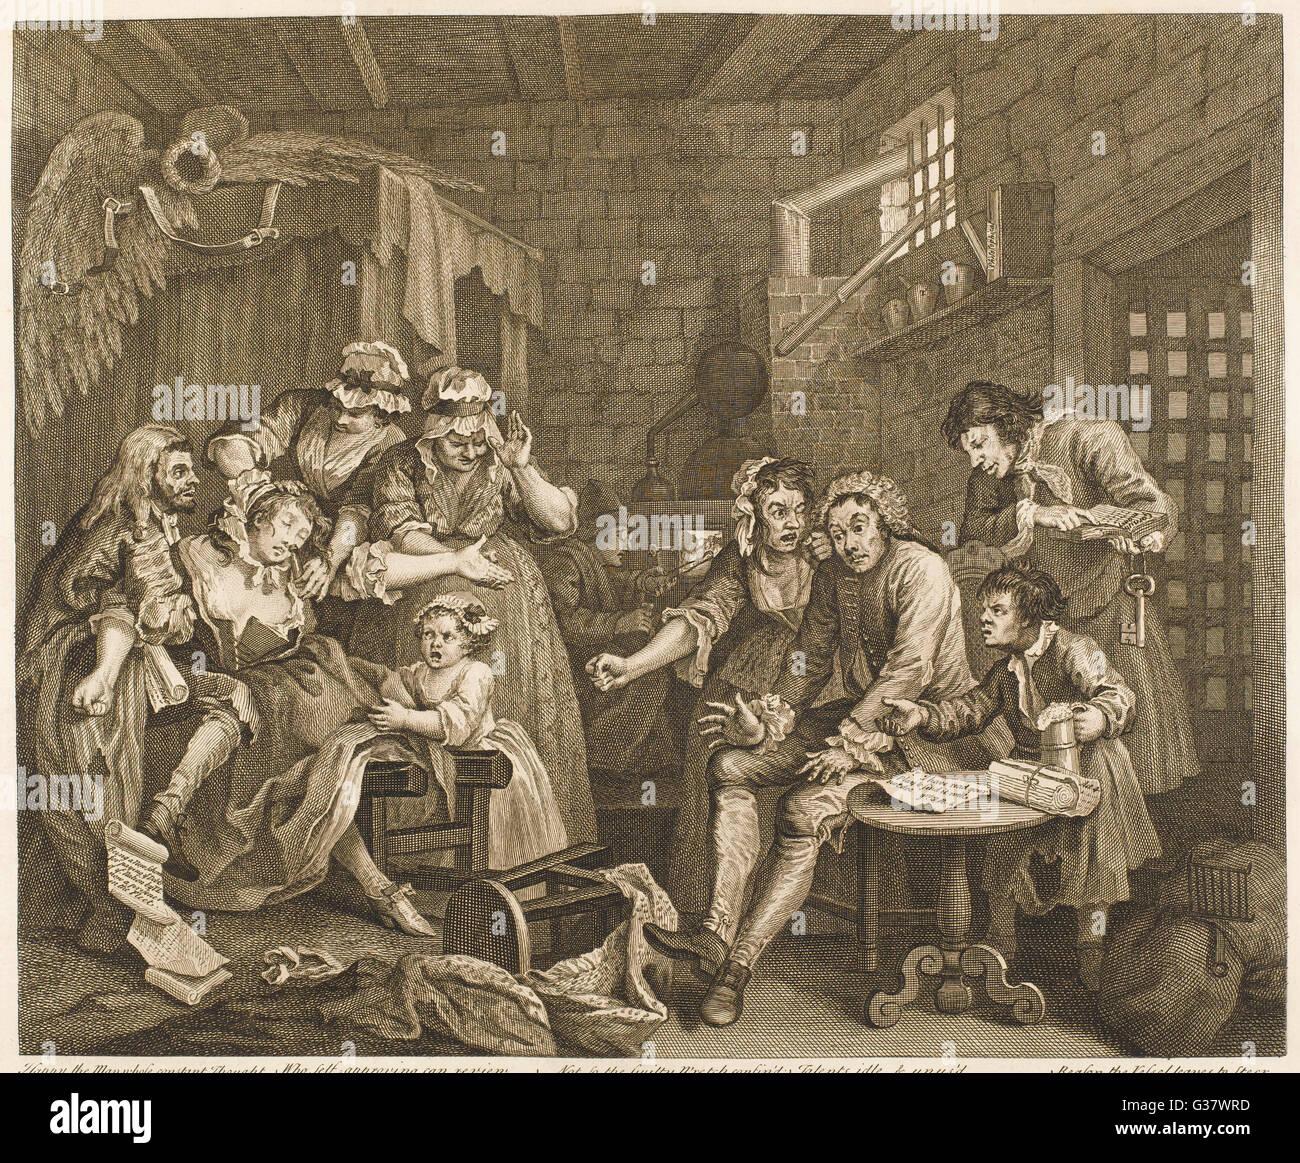 Piano terra. 2.1 Cucine ducali 2.2 Prigioni e sala del Cordolo.